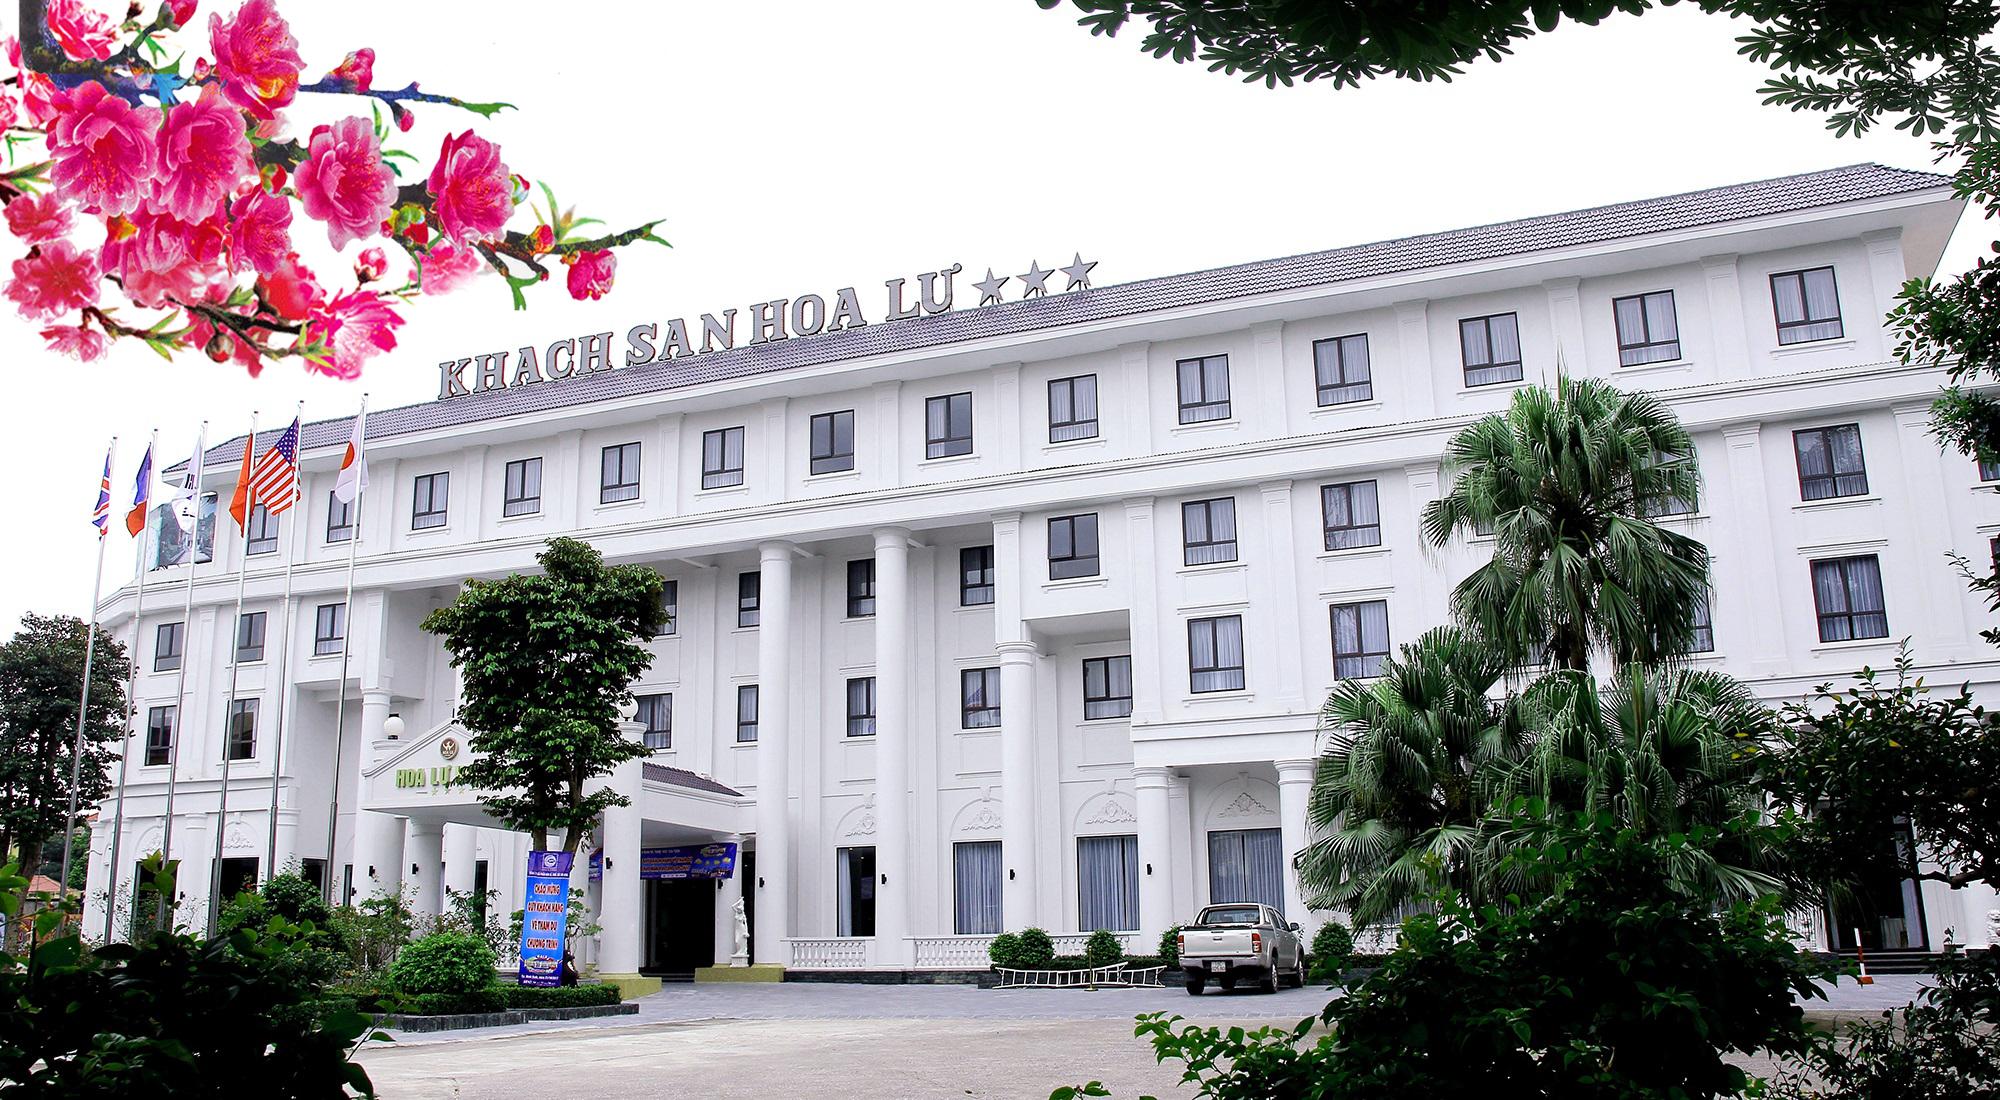 Khách sạn Hoa Lư 3*:úi Kỳ Lân, #1 Trần Hưng Đạo, Trung tâm Tp. Ninh Bình, tỉnh Ninh Bình